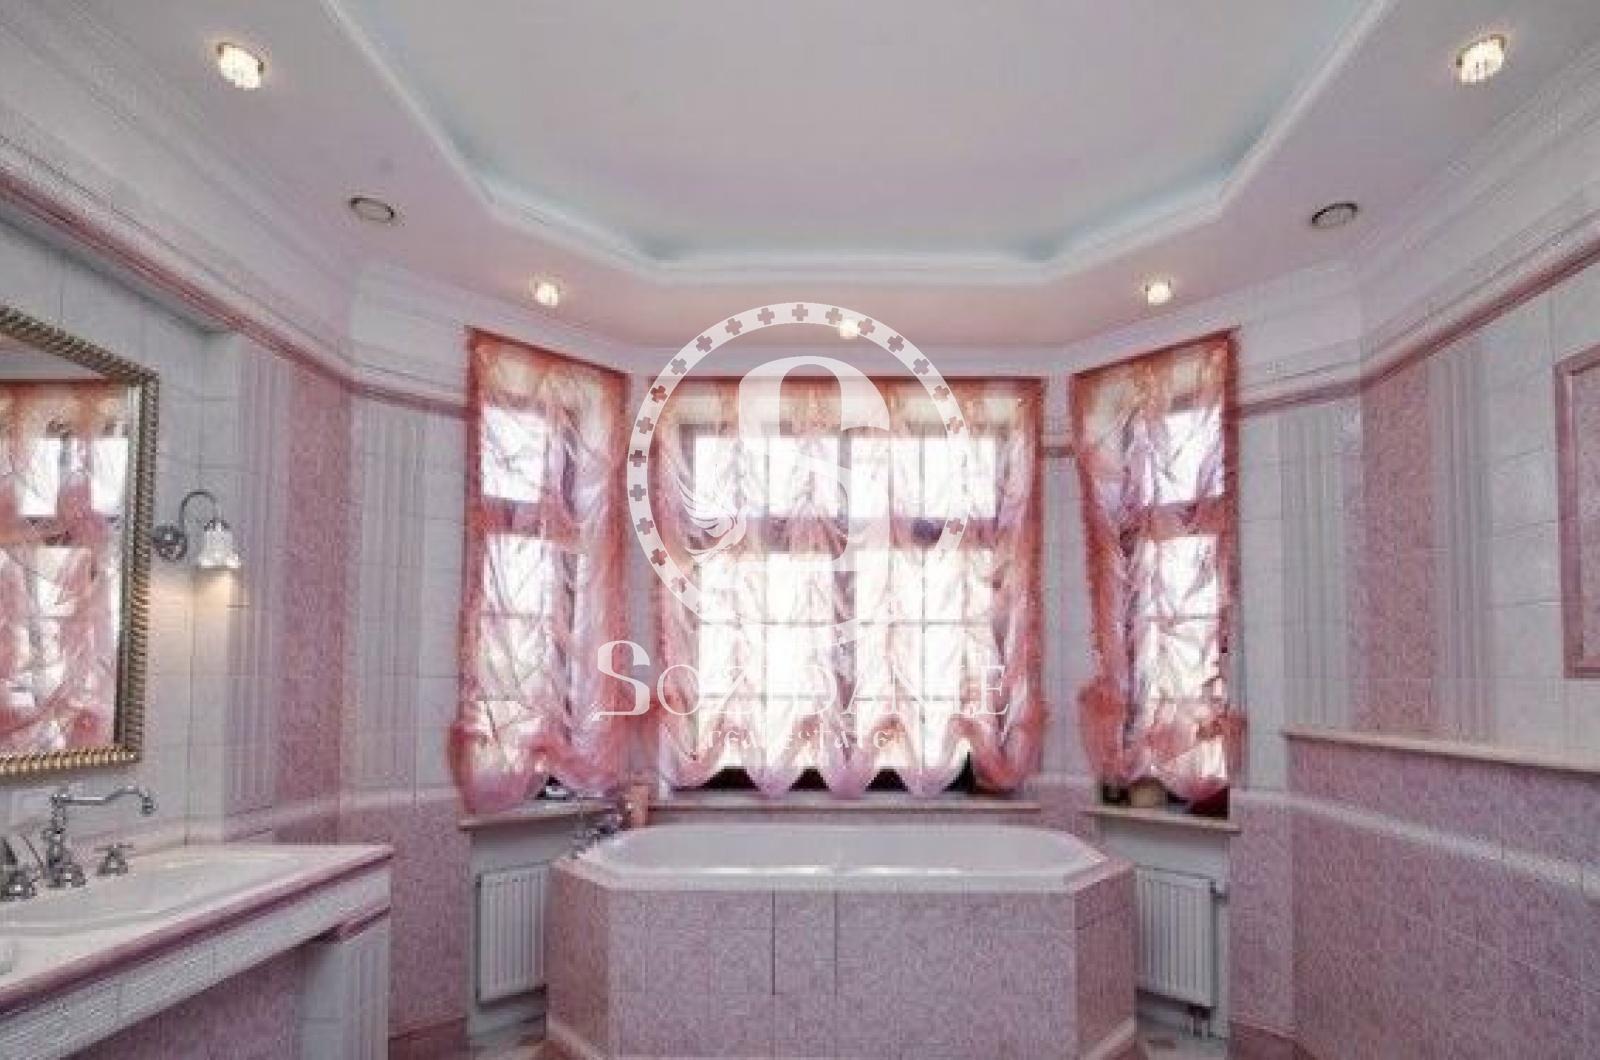 5 Bedrooms, Загородная, Аренда, Listing ID 3521, Россия,